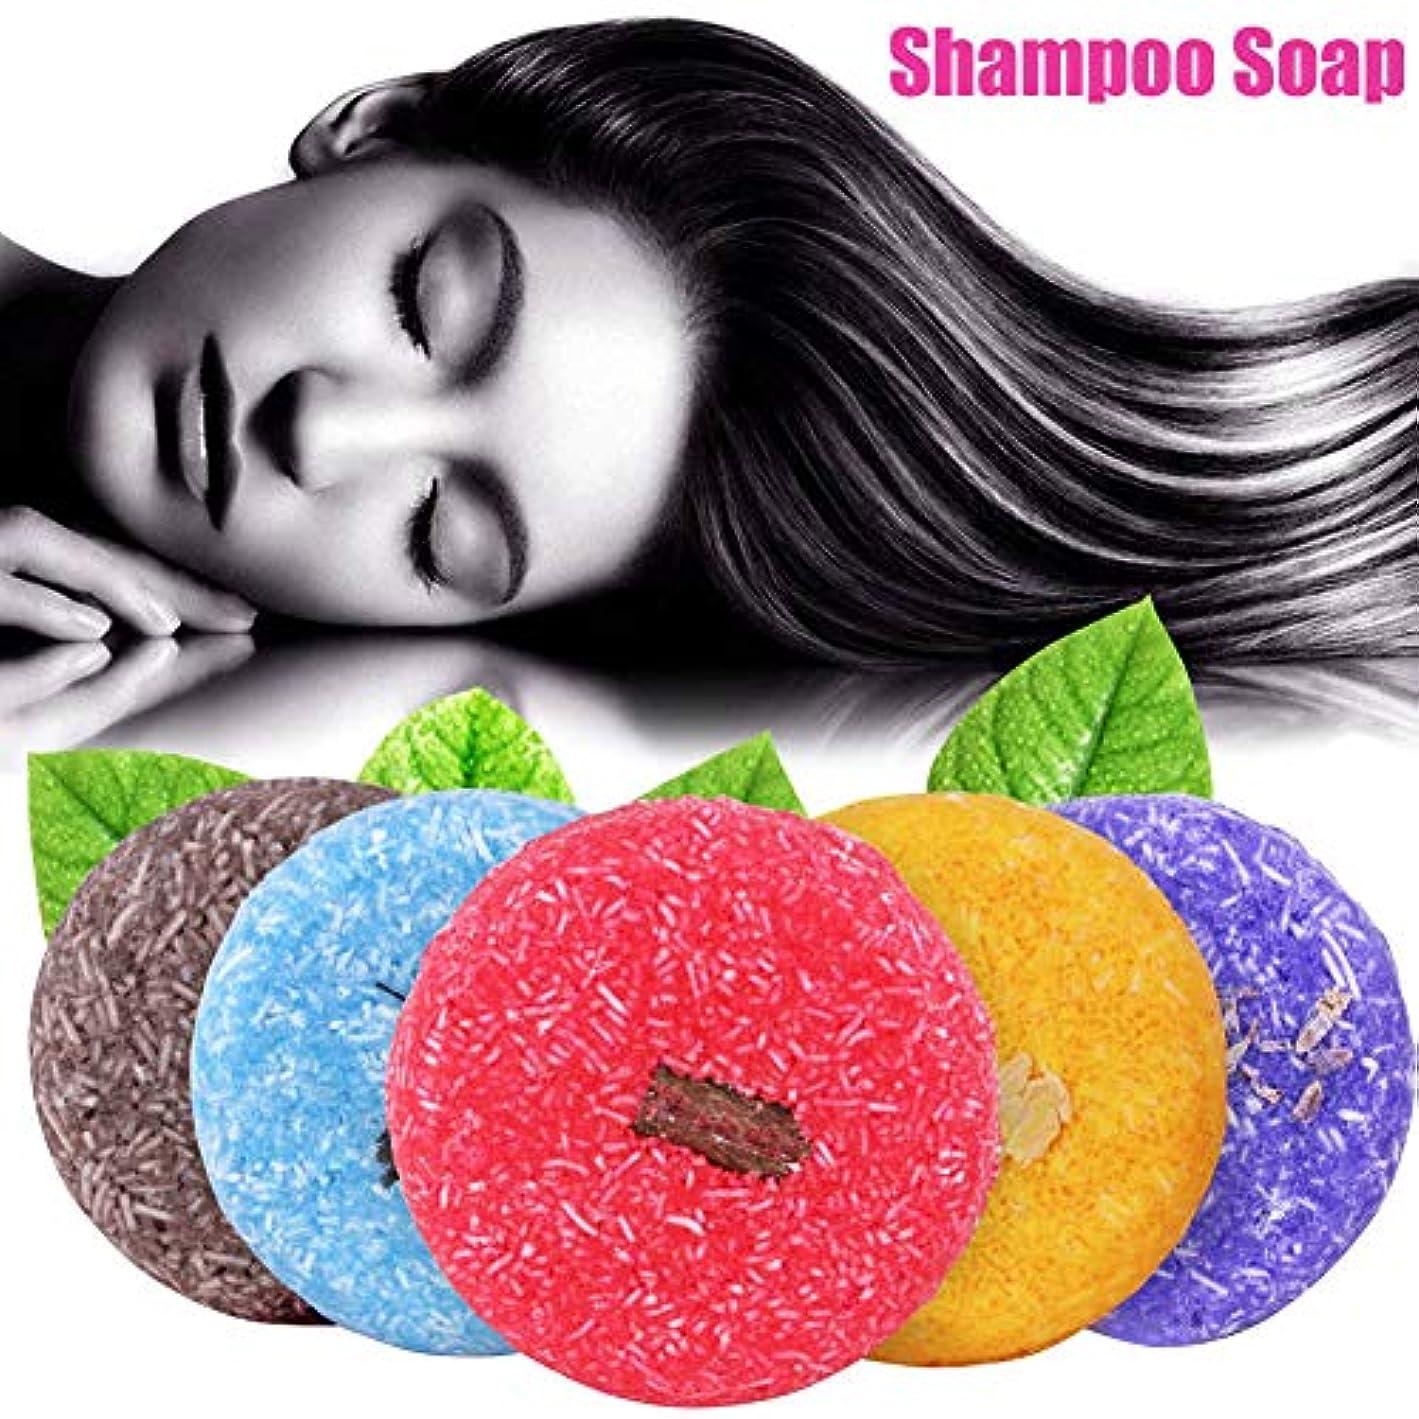 水素口信条石鹸 - Delaman 洗髪石鹸、シャンプー、頭皮ケア、ビューティ、クリームバー、センシティブマイルド、14種類、男女兼用 (Color : #4ジャスミン(JASMINE))